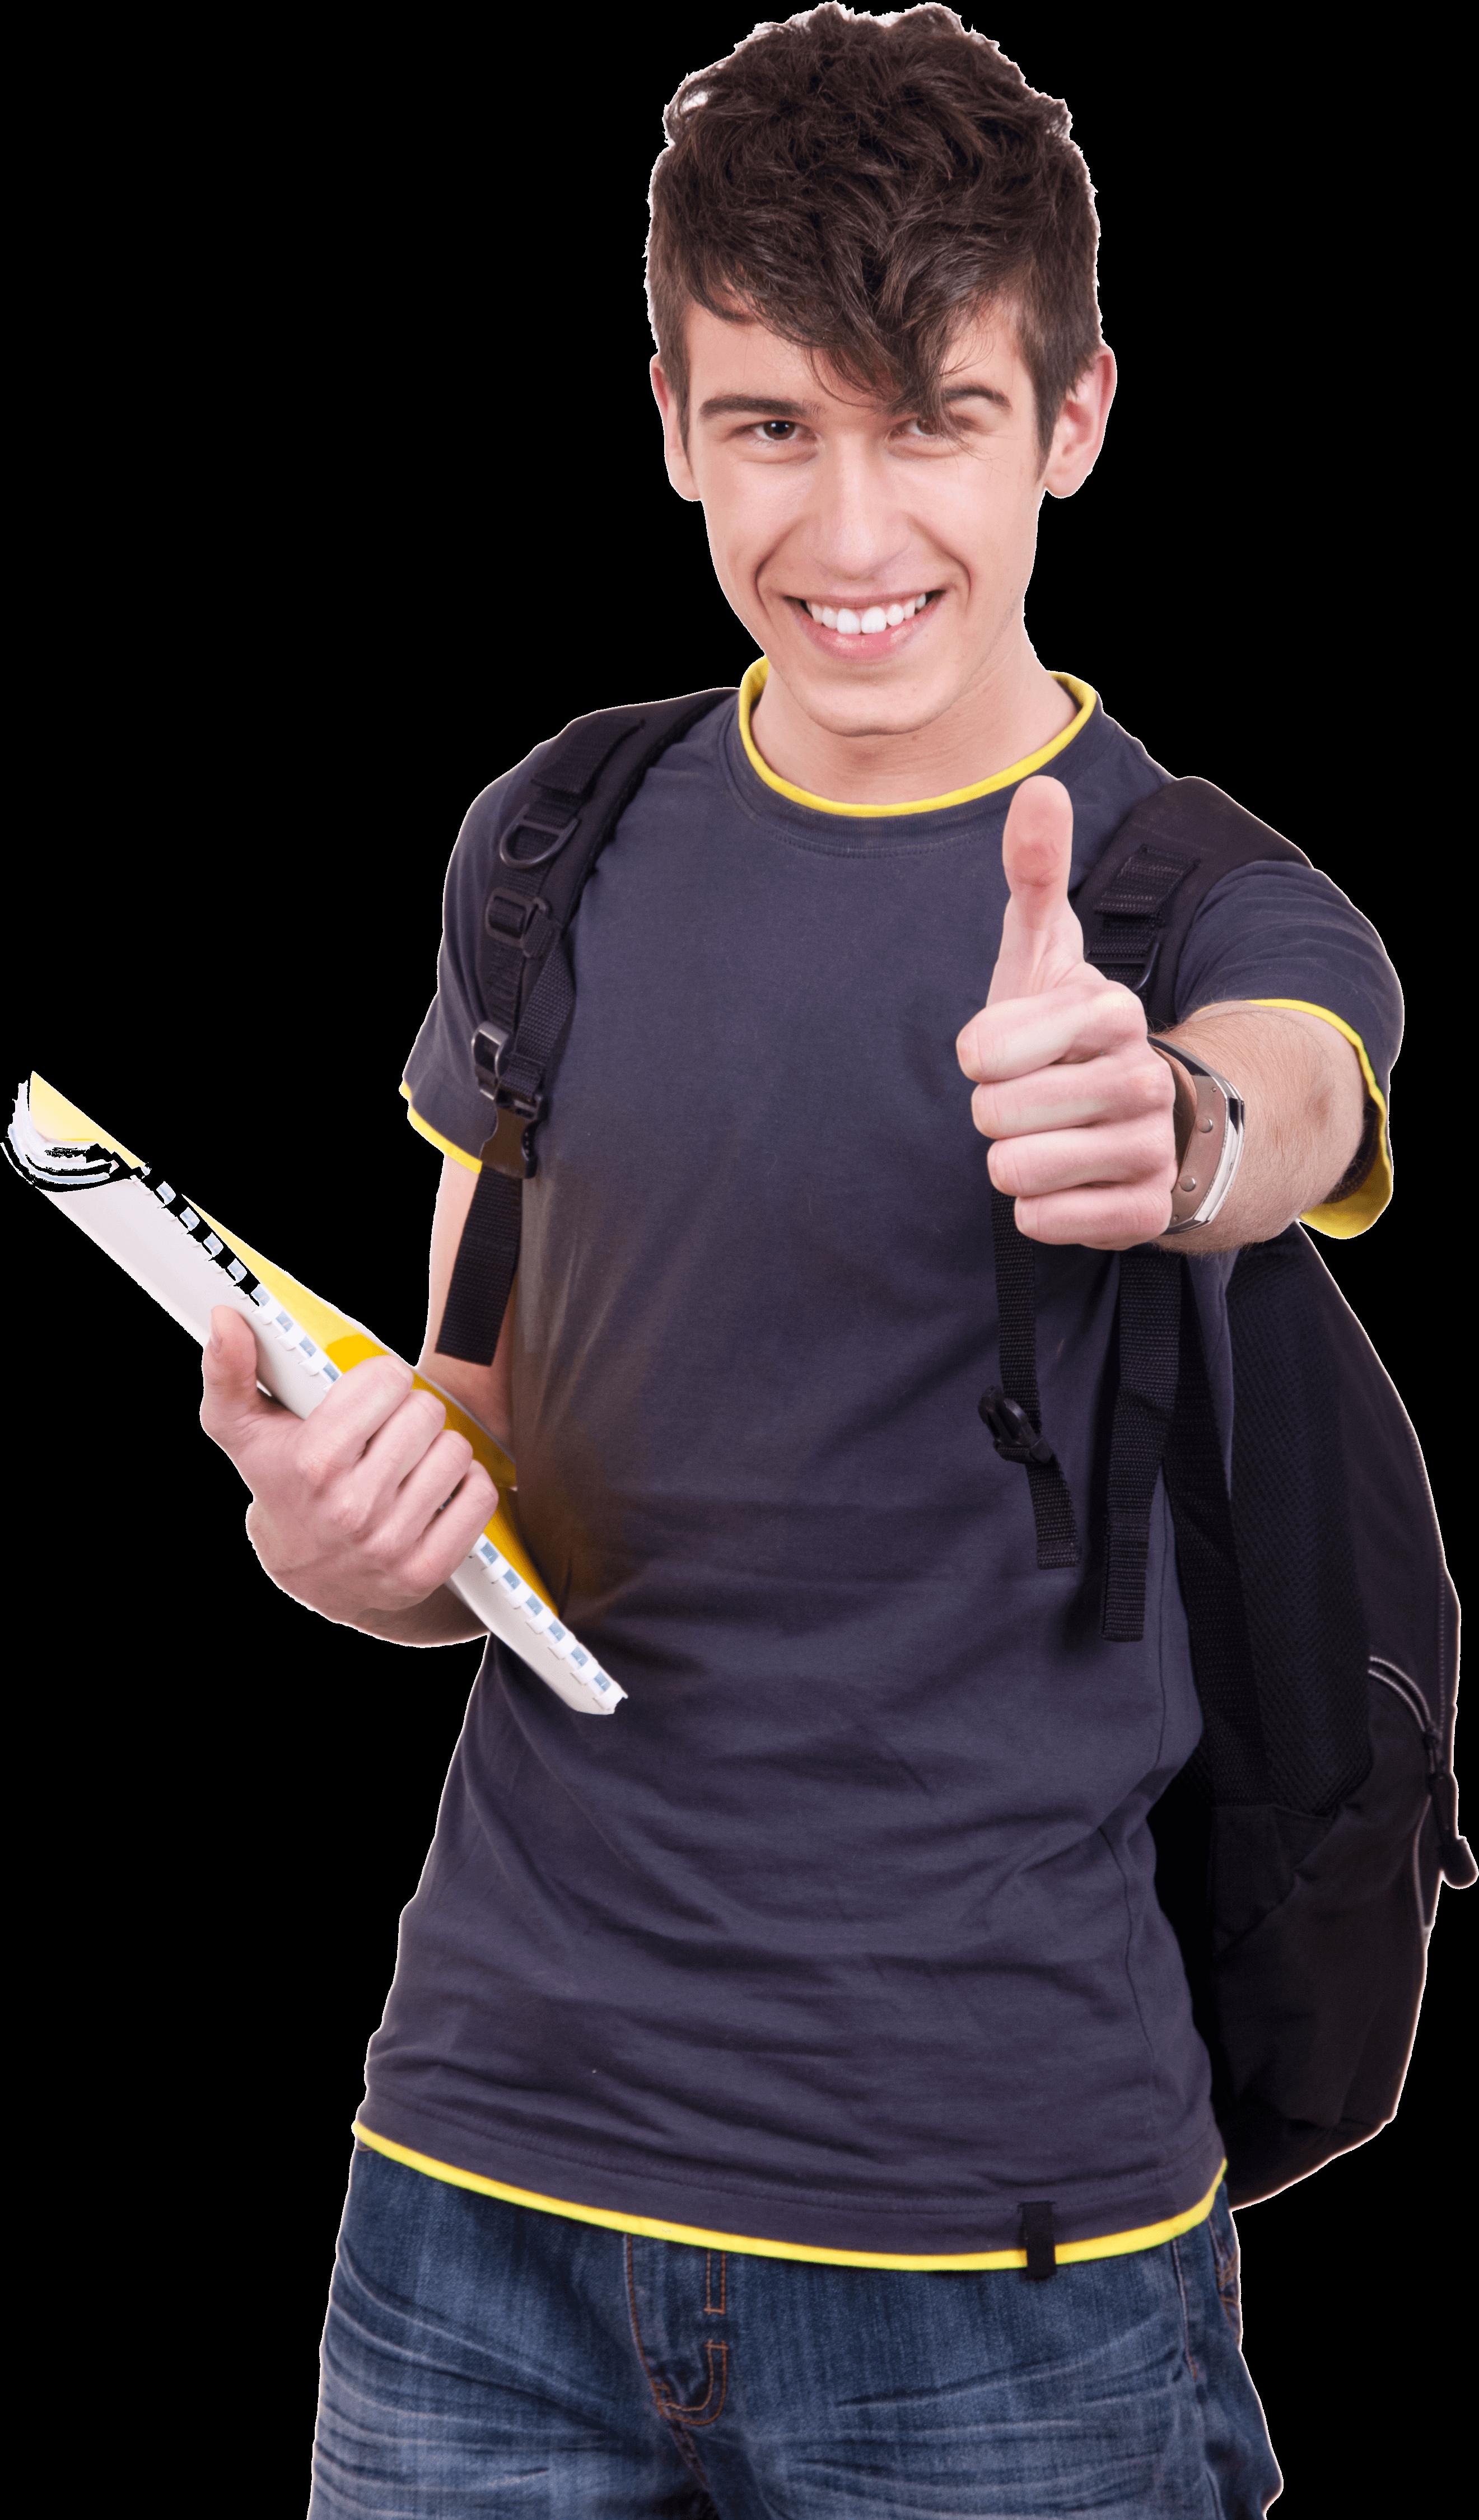 הכוח המניע - portrait-of-a-young-successful-student-holding-thumbs-up